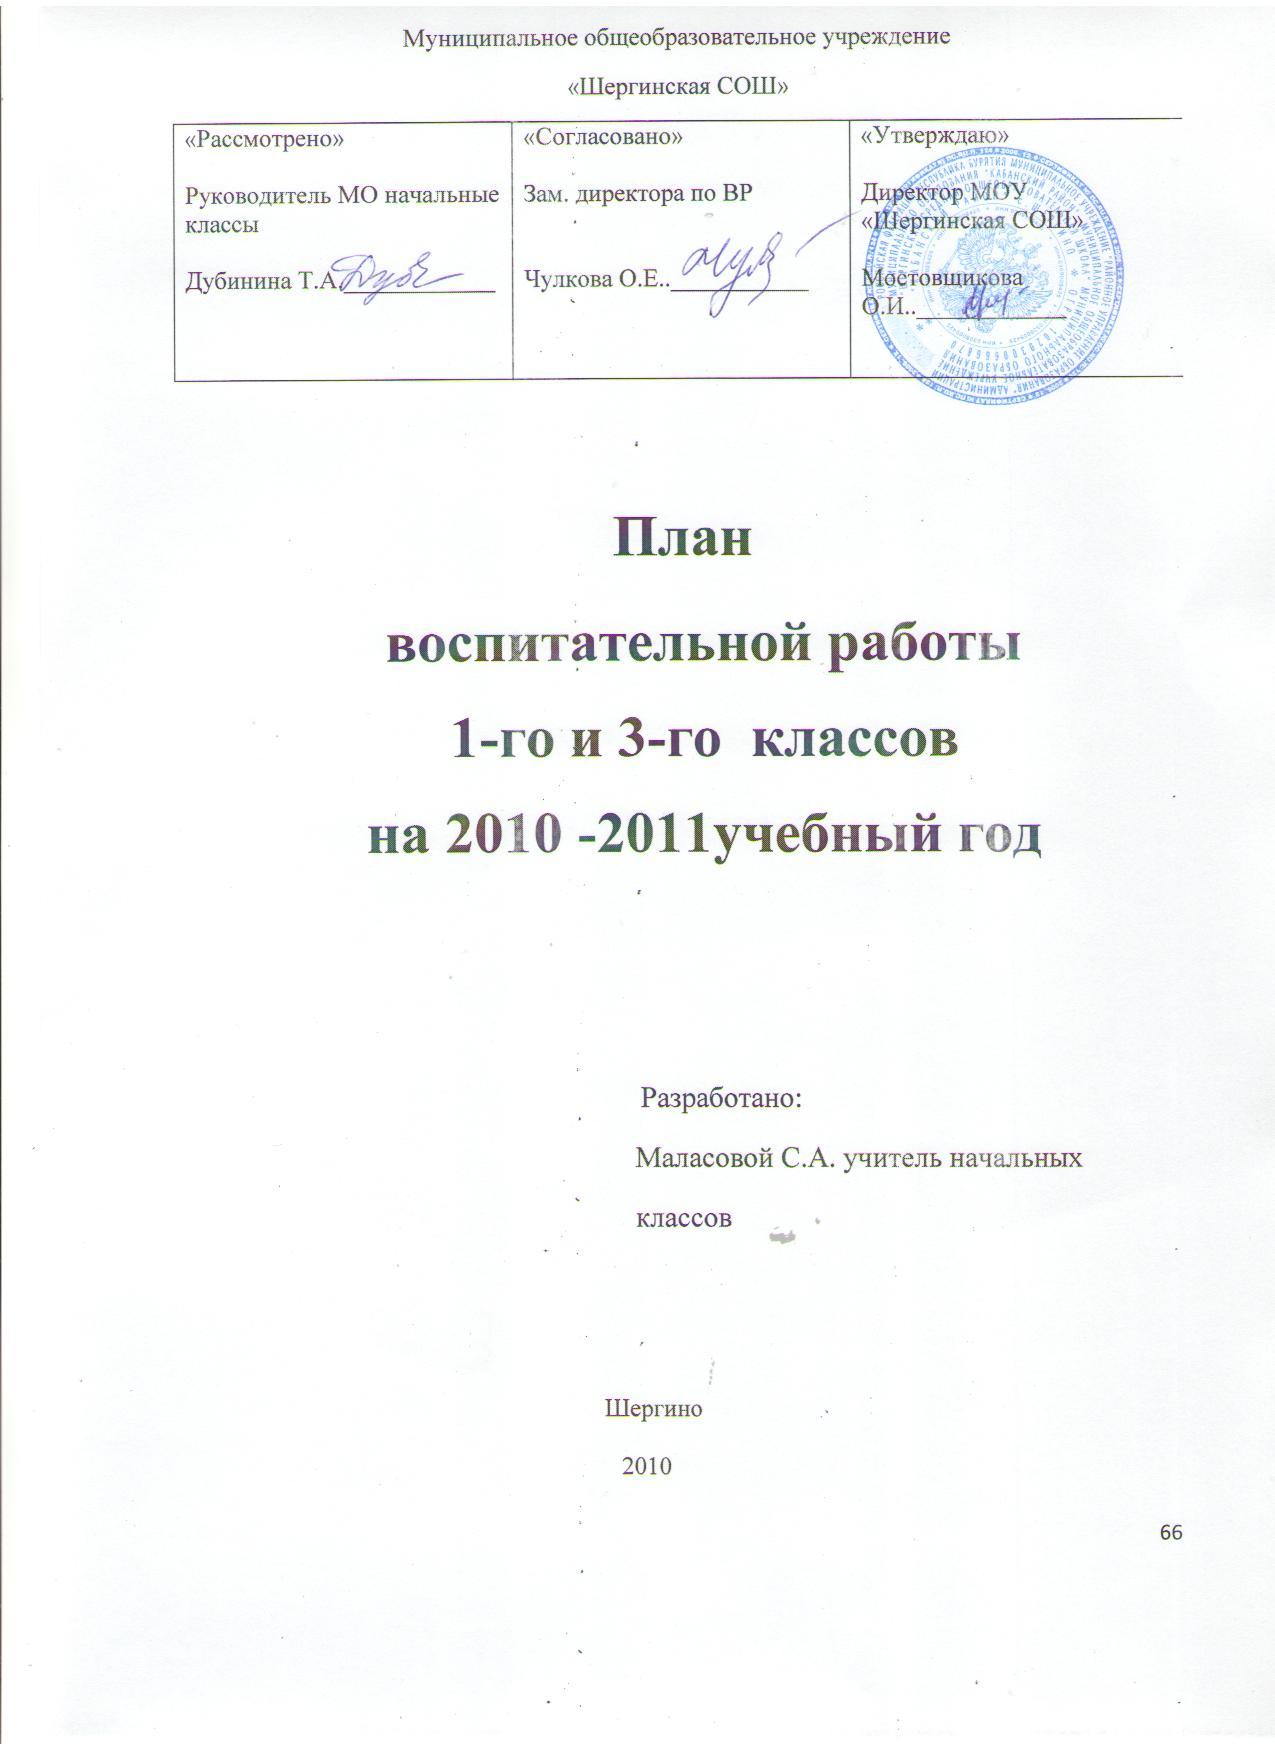 C:\Documents and Settings\OEM\Мои документы\Мои рисунки\2010-12-01, Изображение\Изображение 003.jpg